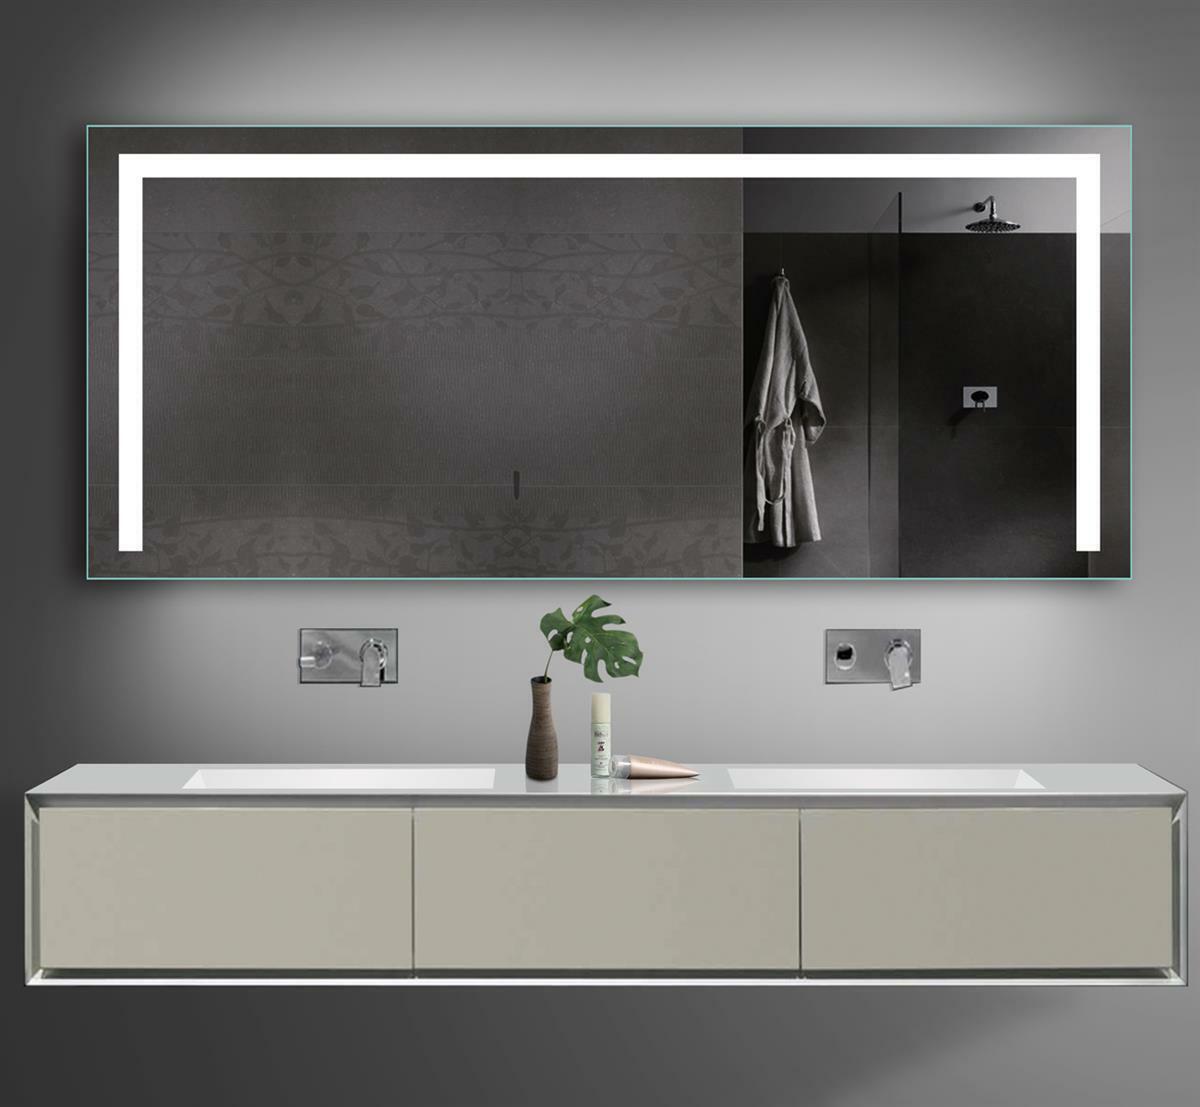 LED beleuchtet Kalt Warm weiß licht Bad Badezimmer Wand spiegel Steckdose 160